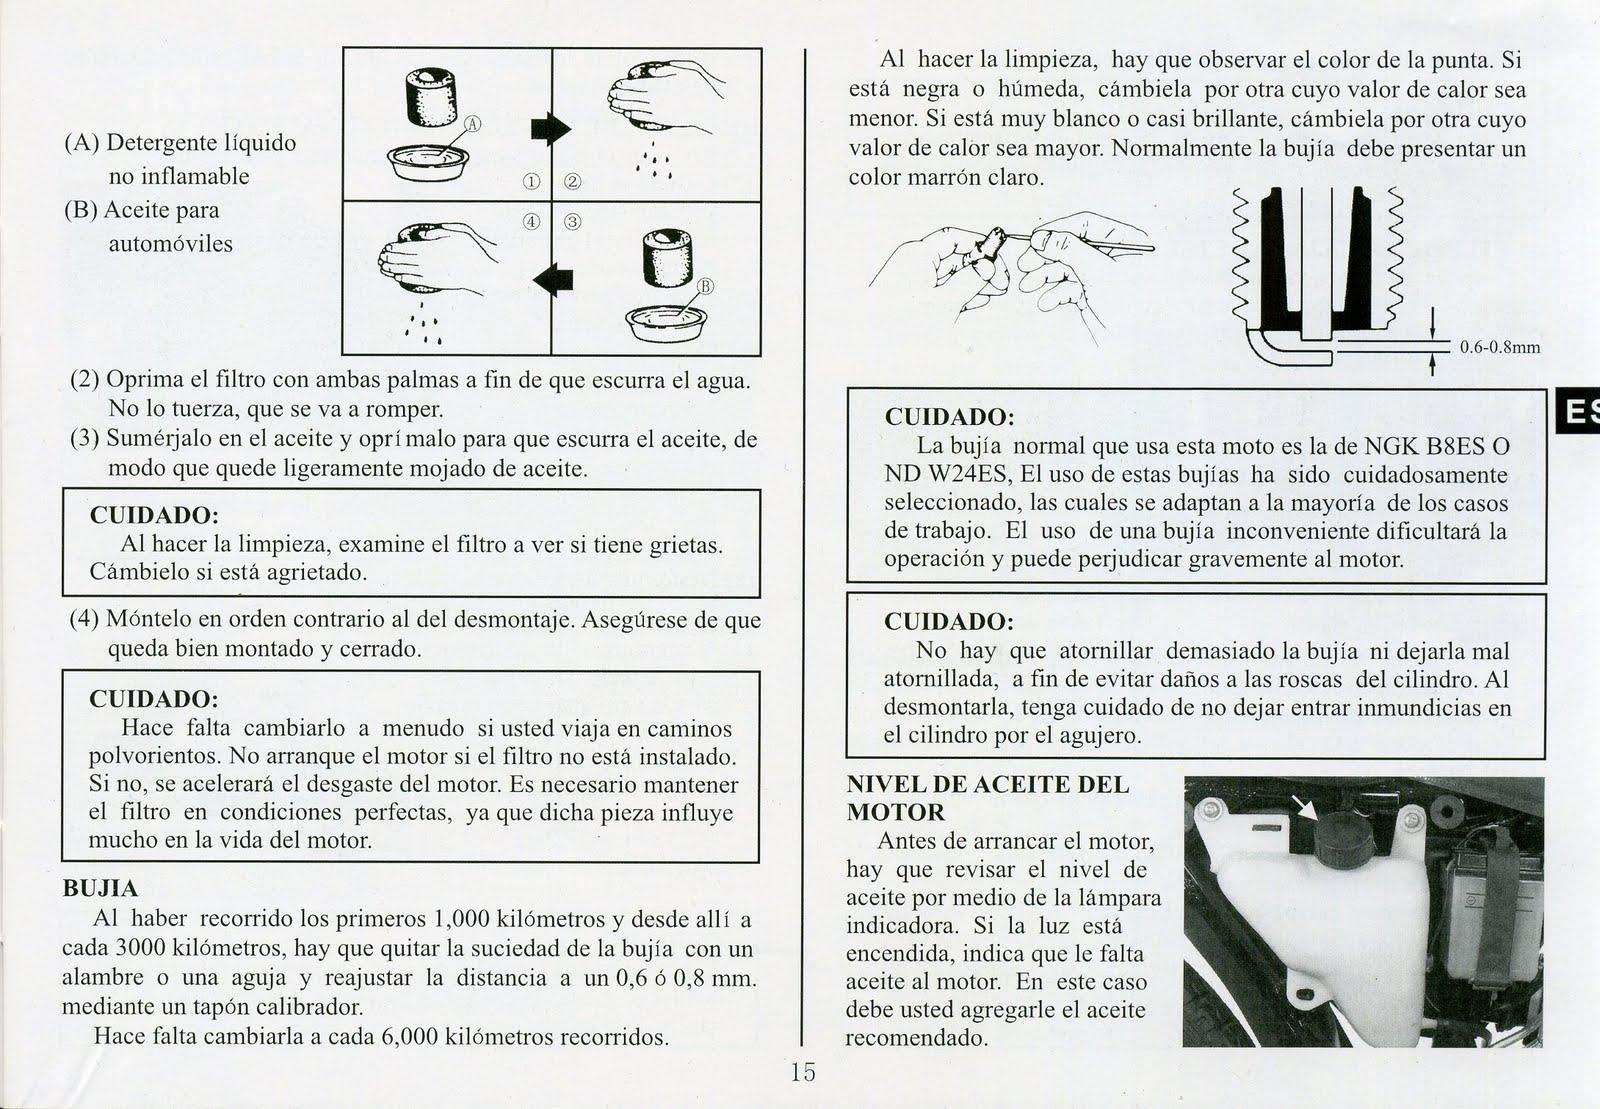 suzuki ax100 pasi n por 2t manual ax 100 rh suzukiax100 blogspot com suzuki ax 100 manual de usuario suzuki ax 100 manual de usuario